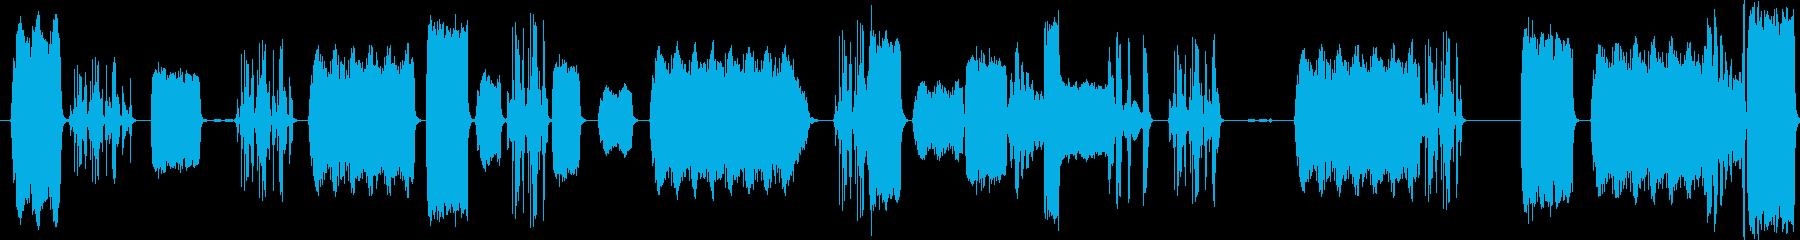 チャープマシンガンメカニカルコンピ...の再生済みの波形